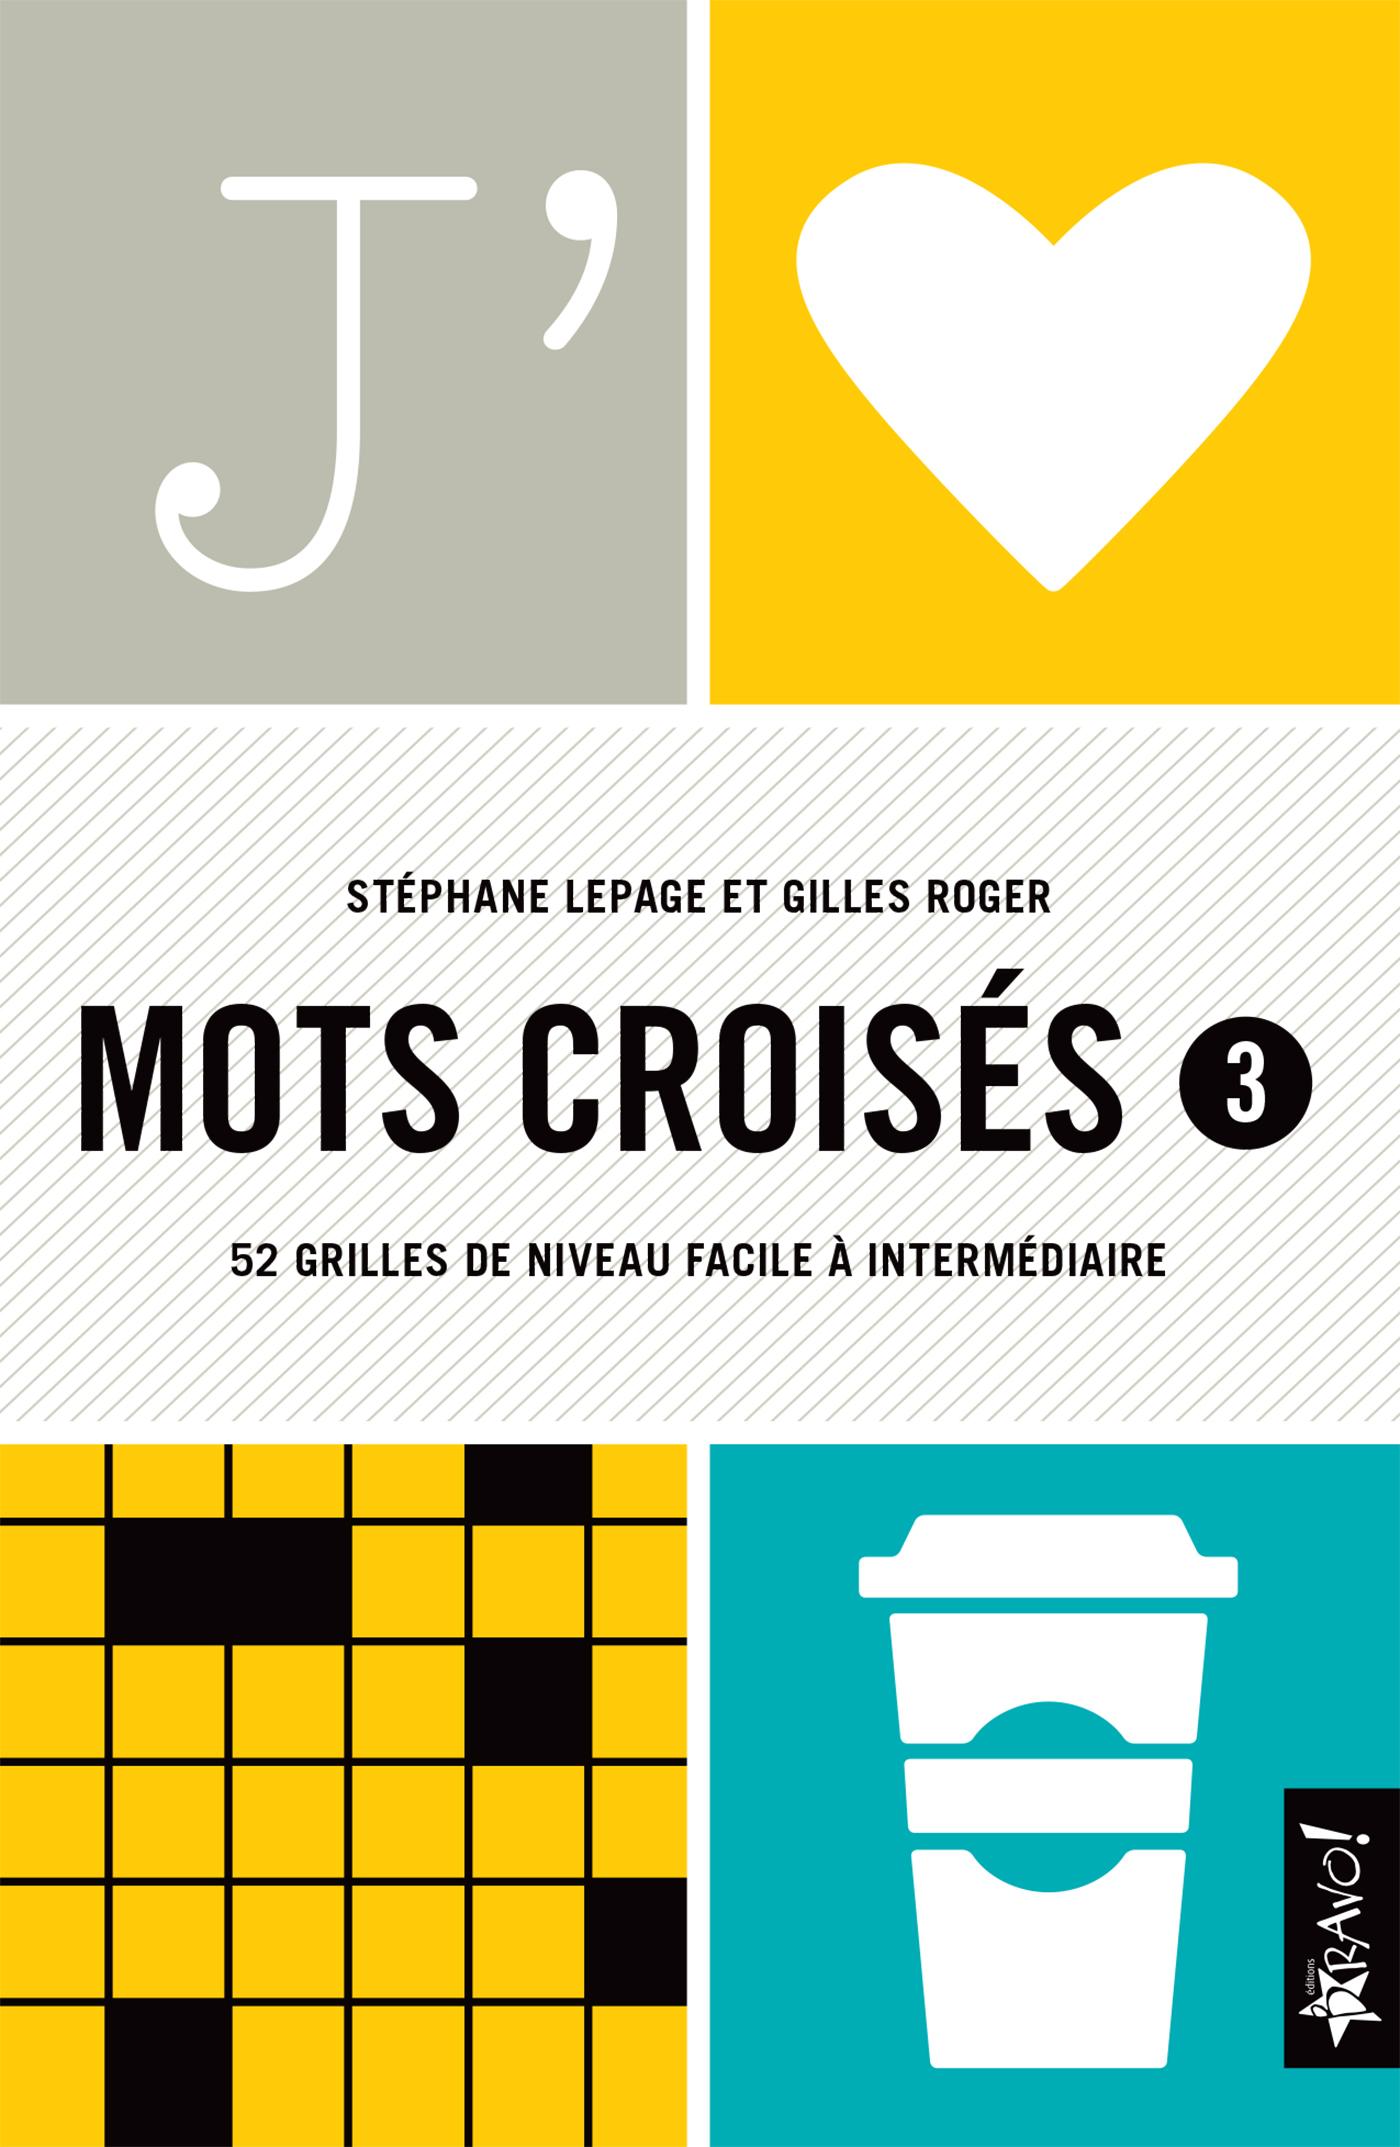 326_JaimeMotsCroises3_C1